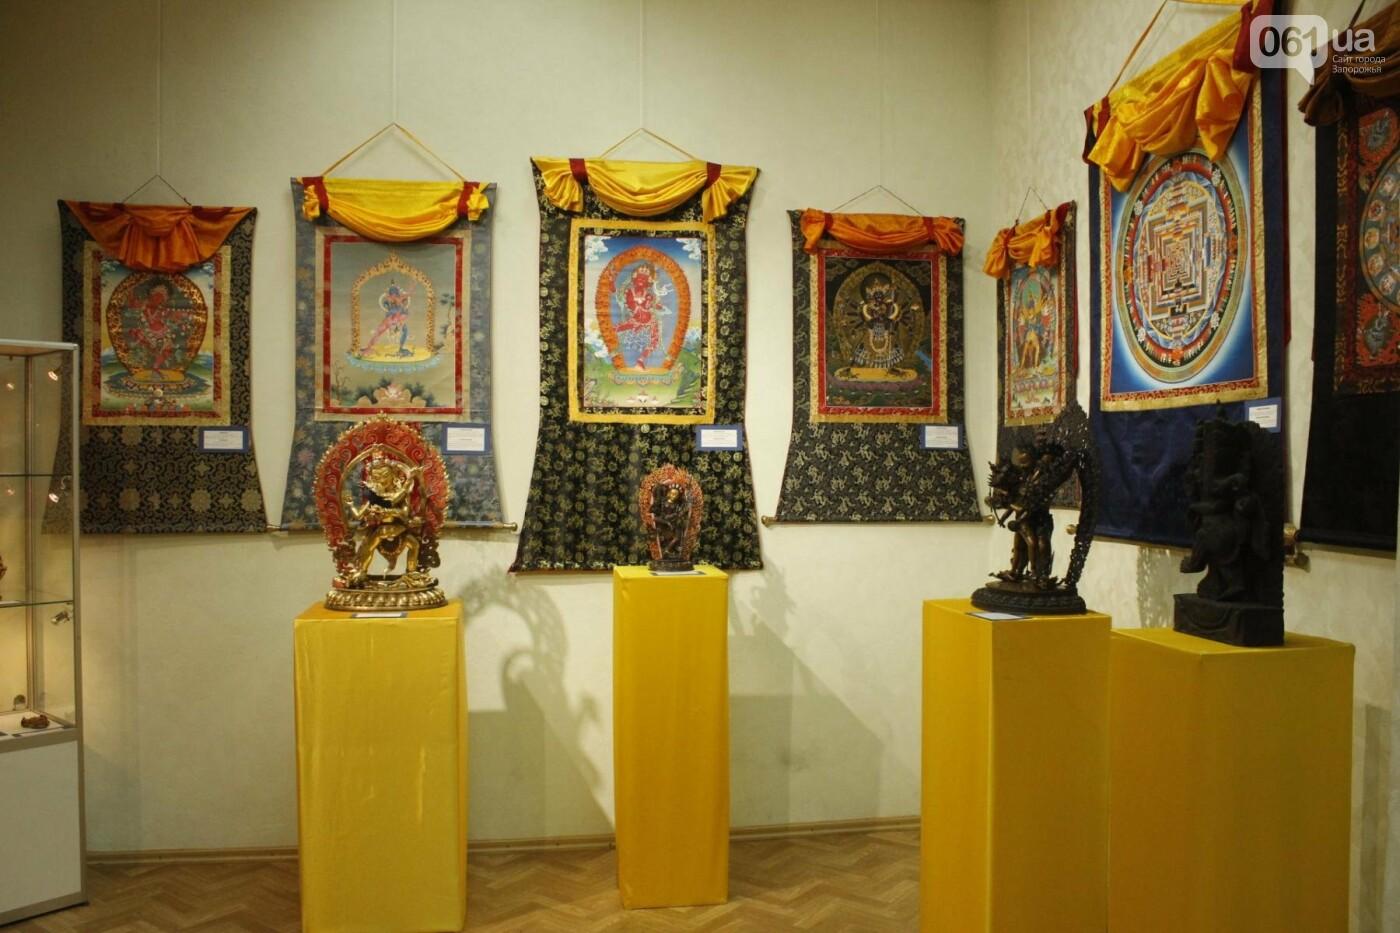 """В Запорожье выставка """"Сокровища Тибета"""" открыла Дни буддийской культуры, - ФОТОРЕПОРТАЖ, фото-14"""